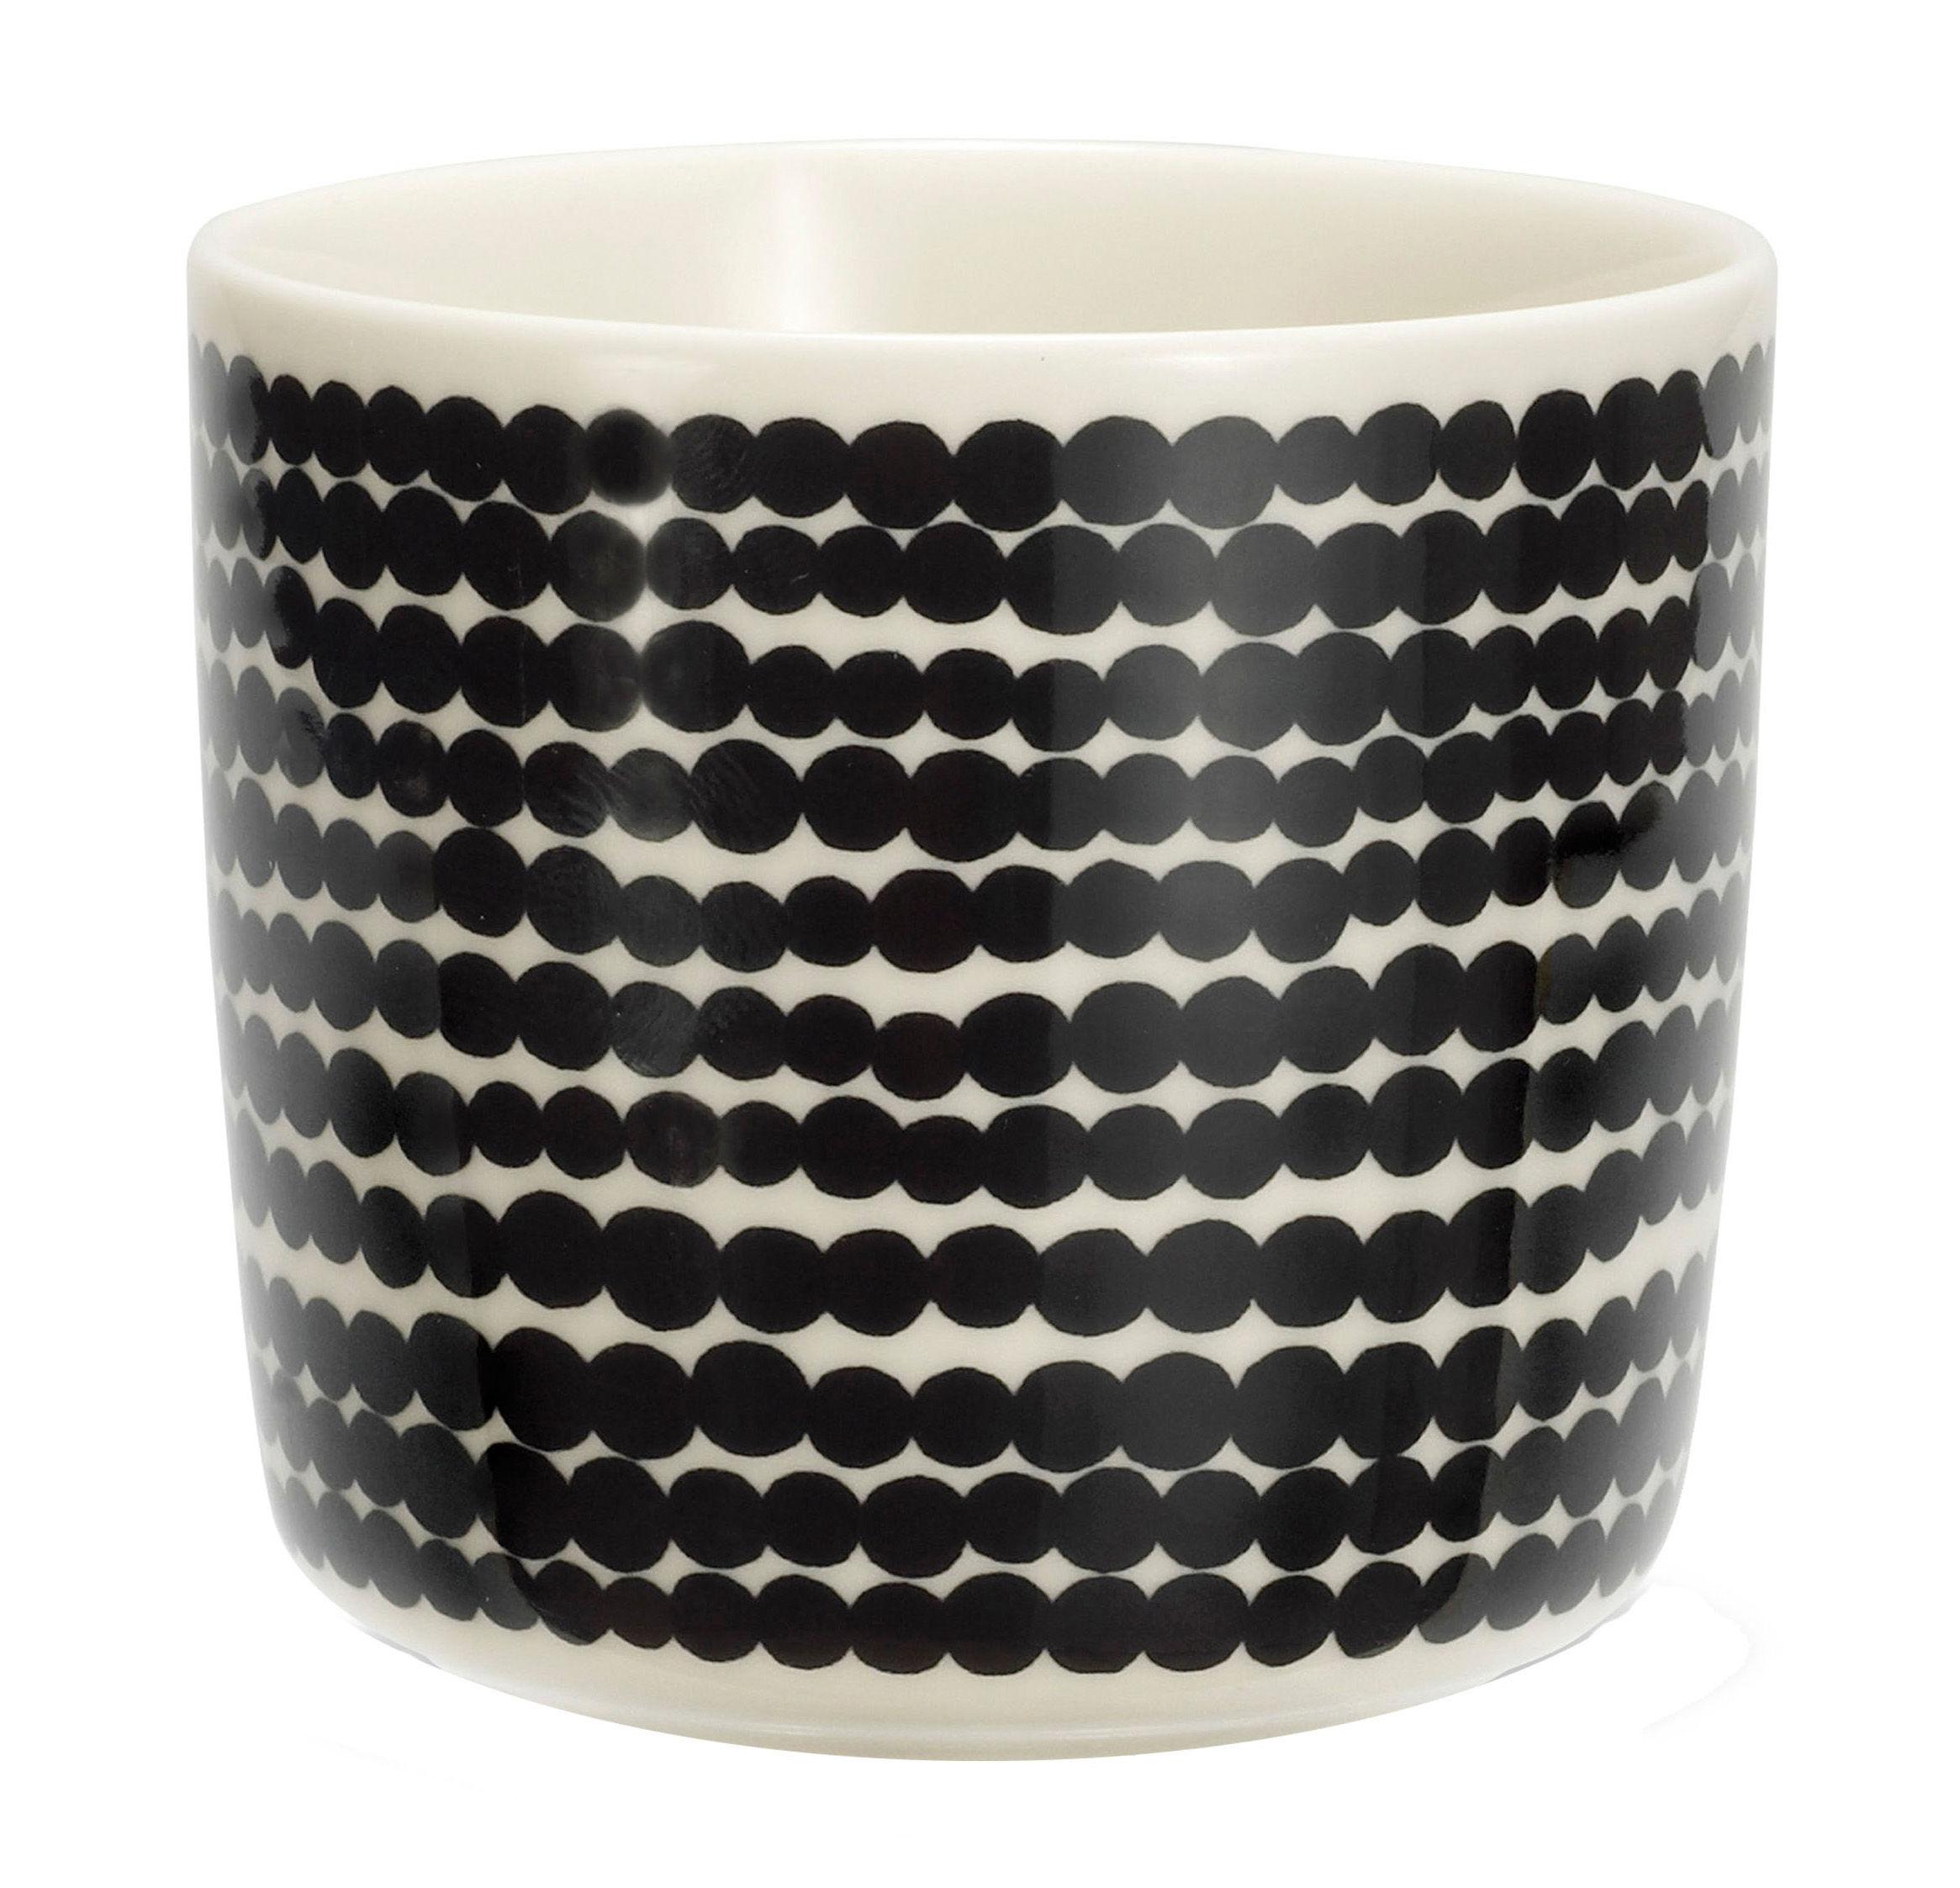 siirtolapuutarha kaffeetasse ohne henkel r symatto schwarz wei by marimekko made in design. Black Bedroom Furniture Sets. Home Design Ideas